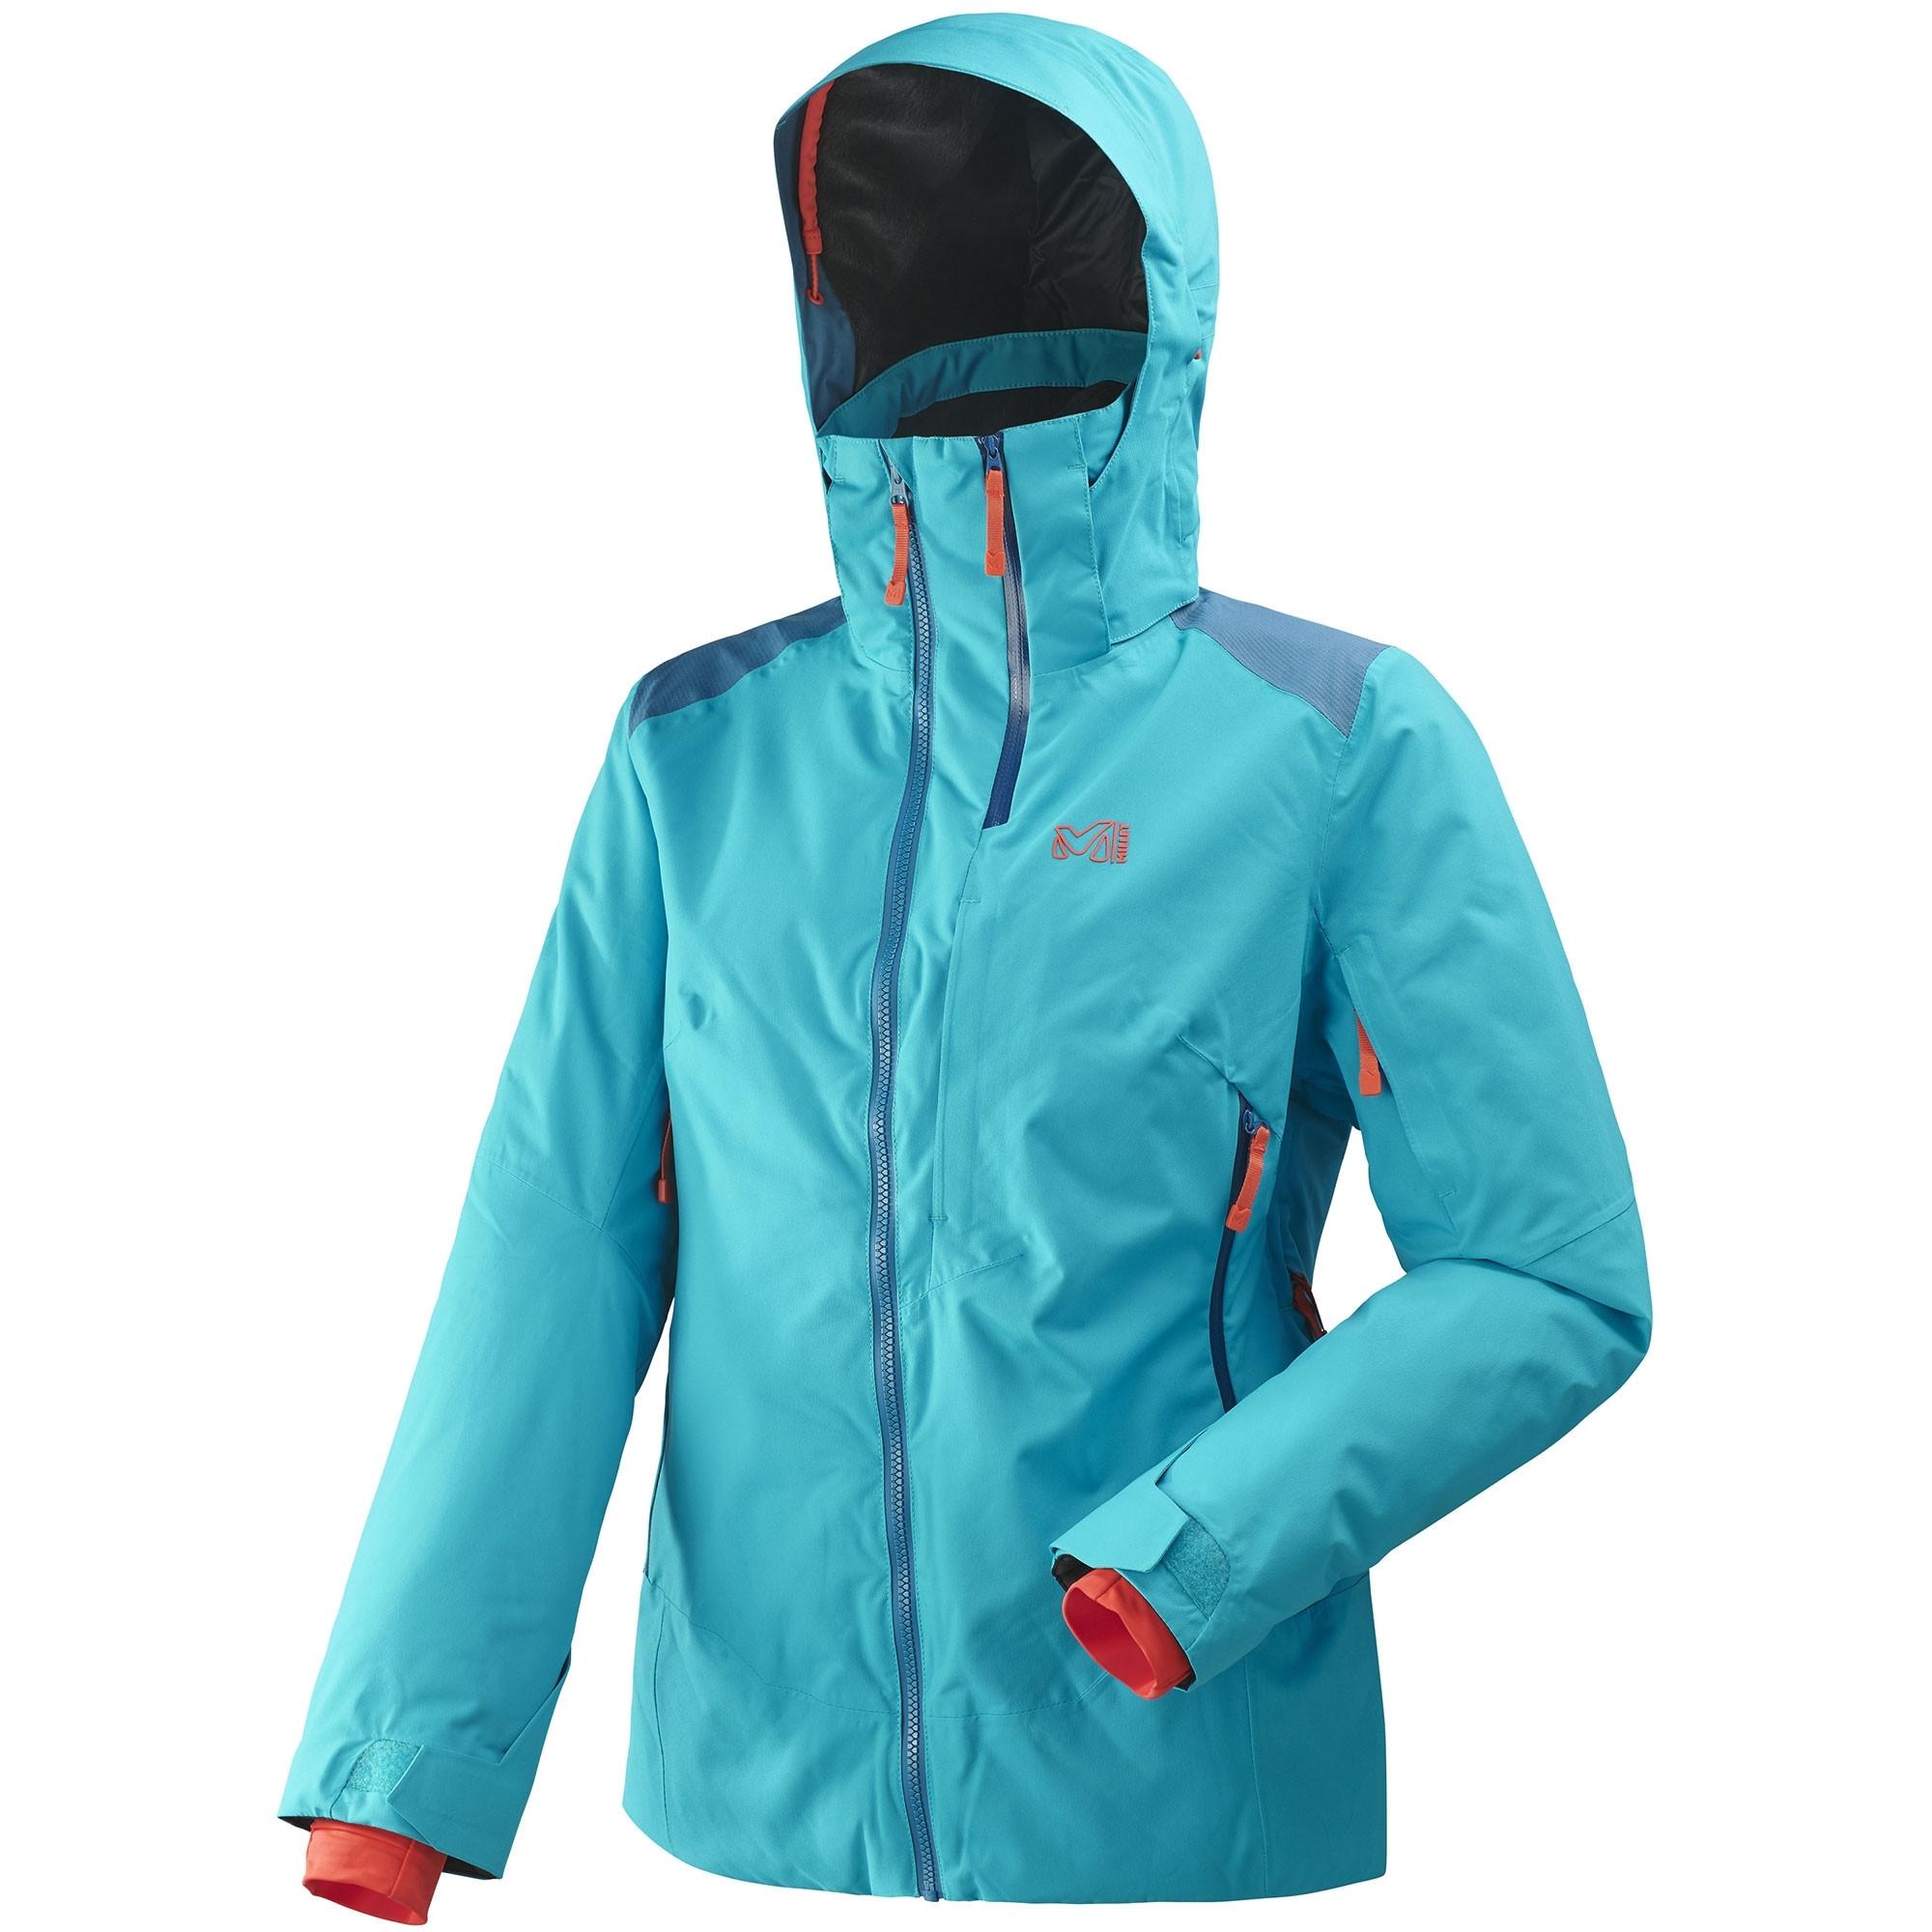 Veste Ski Millet Stretch De Bleu 724 Femme 76bfygvY